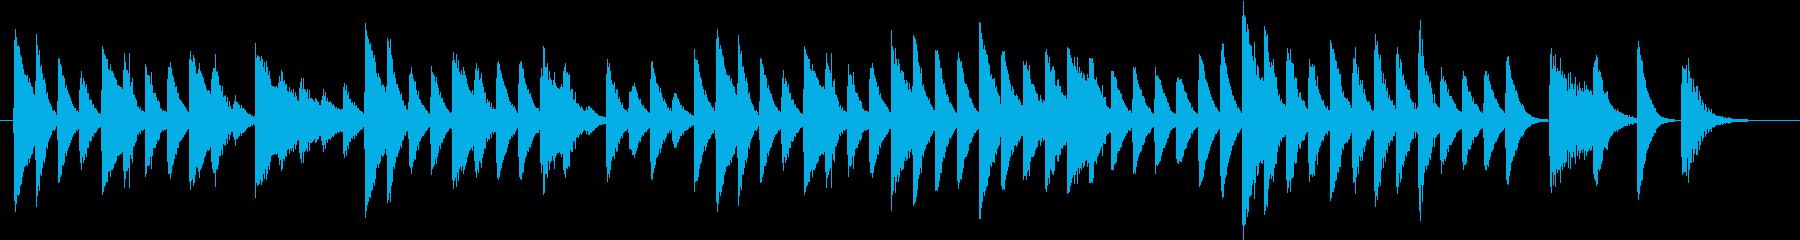 6度で弾いた可愛い運動会ピアノジングルの再生済みの波形